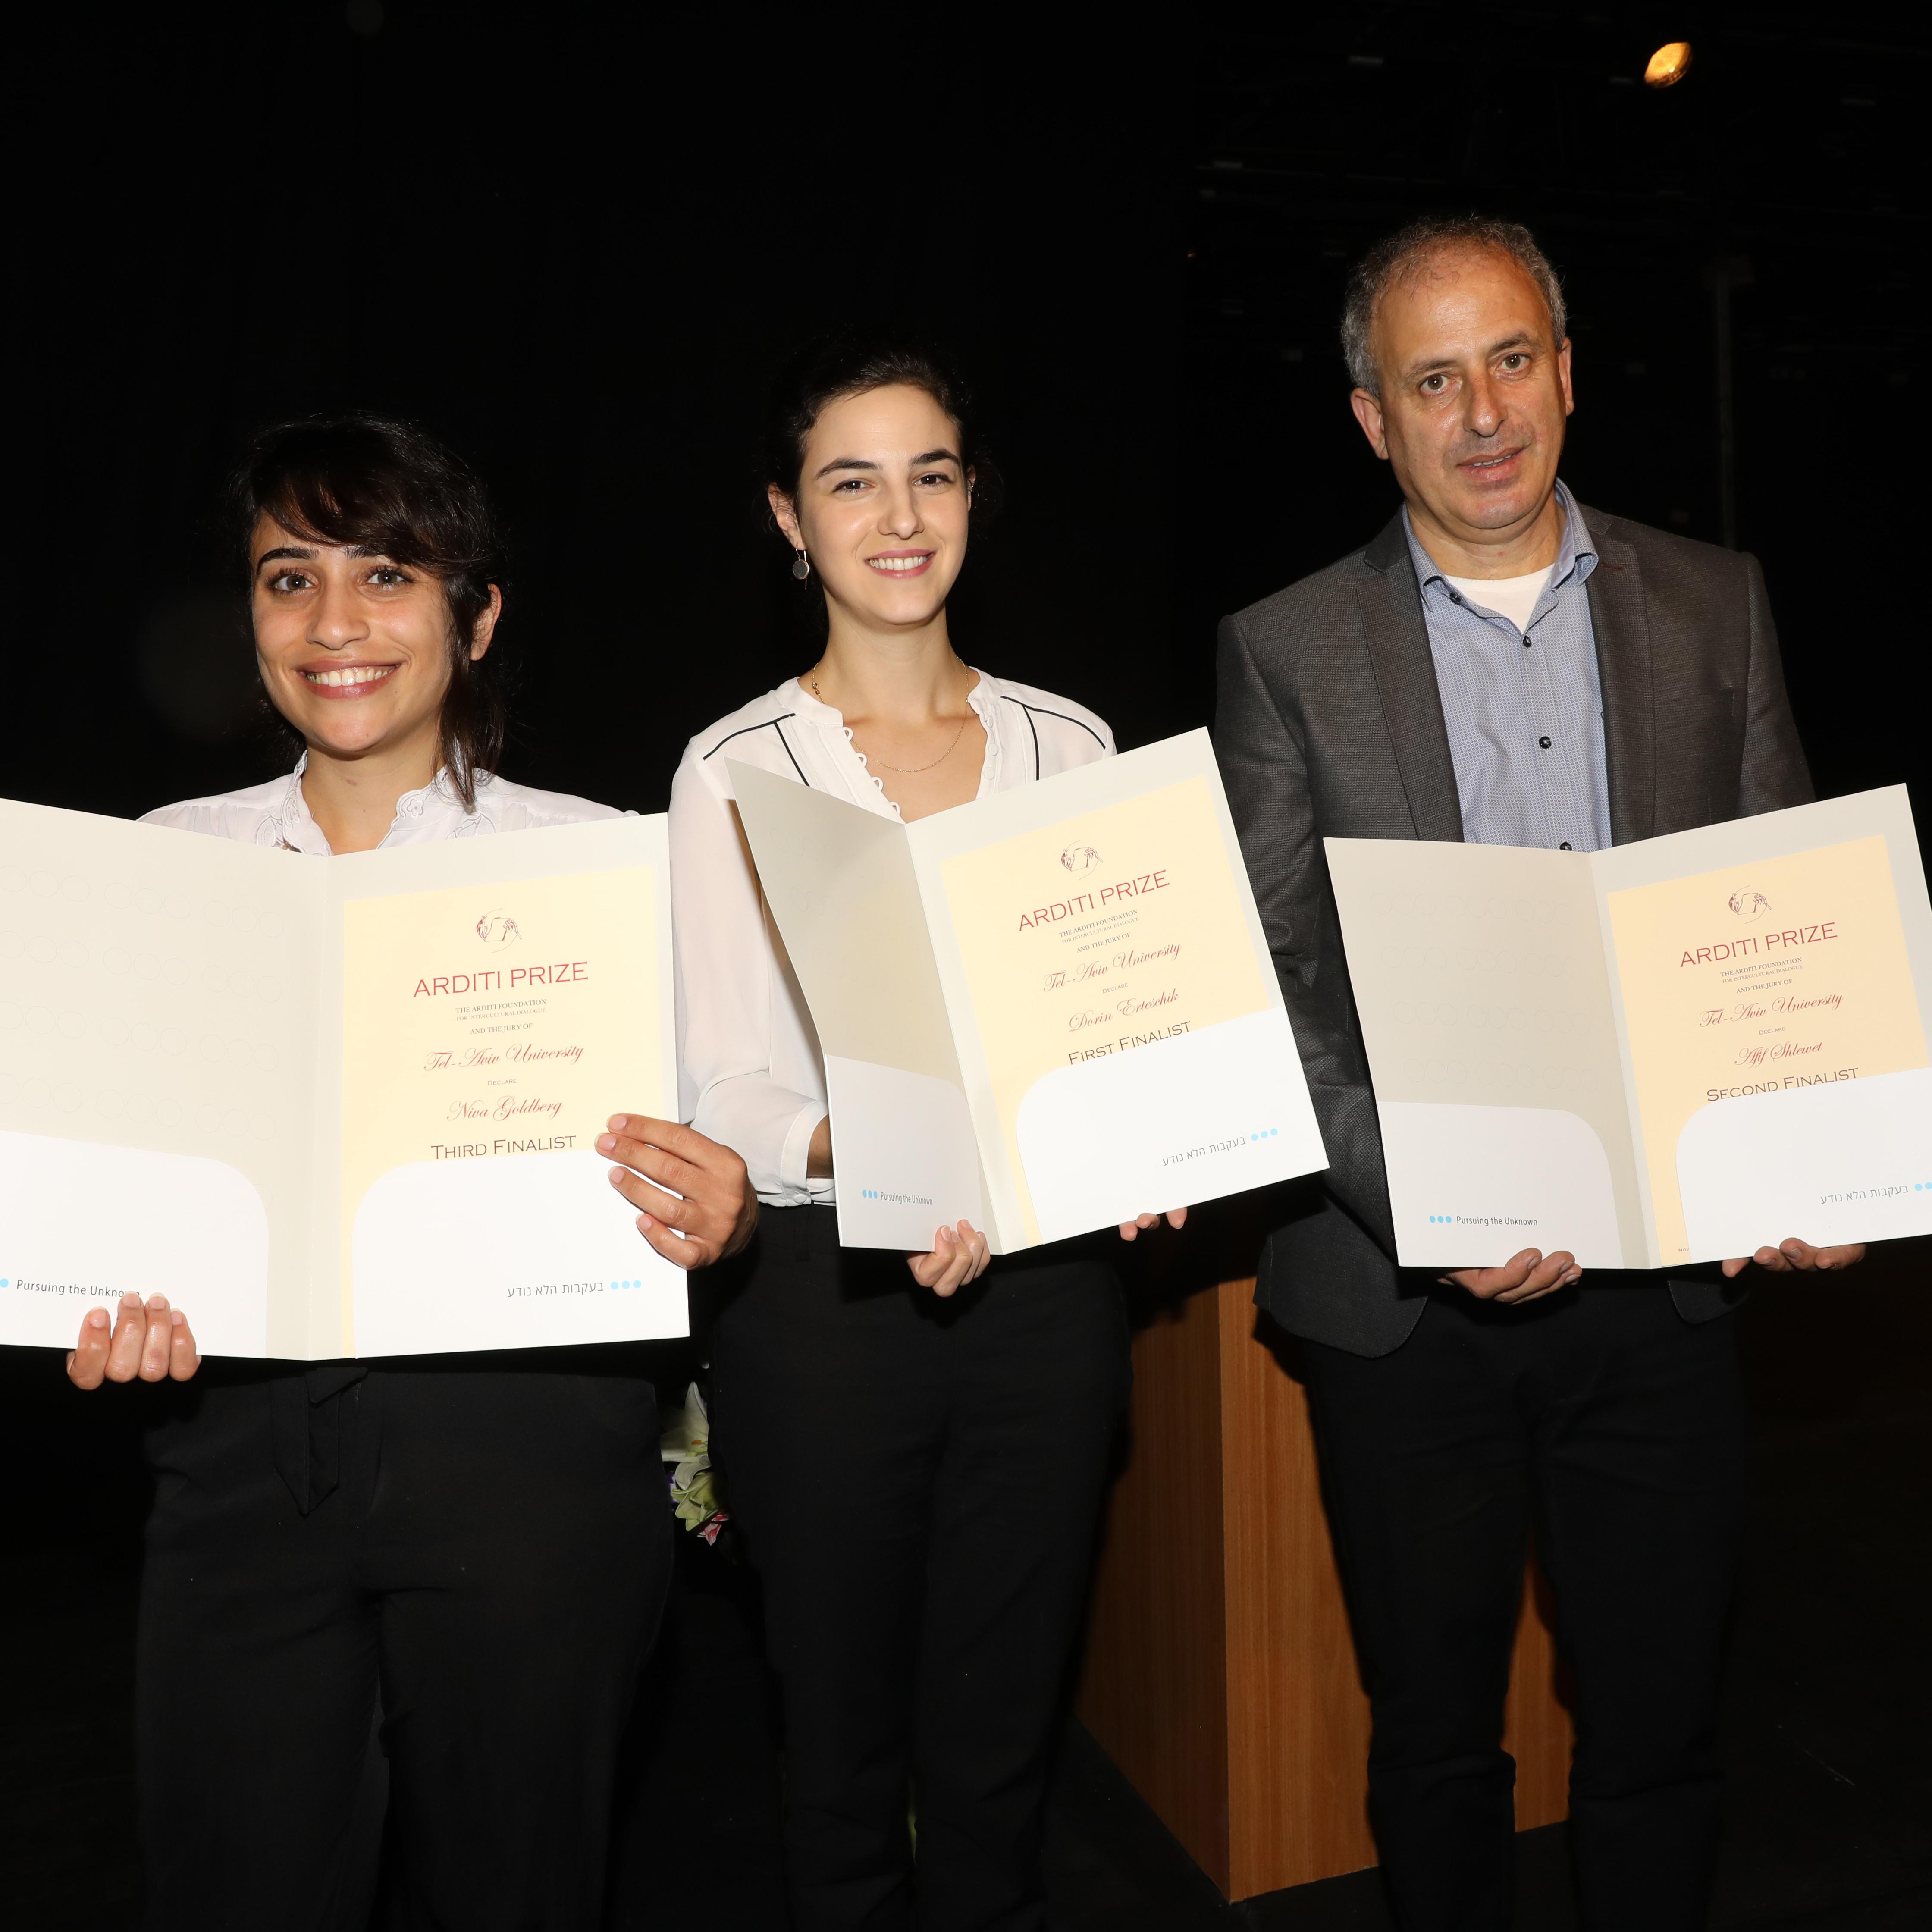 מציאות מעורבת: יהודים וערבים בישראל - המחזות הזוכים של תחרות קרן ארדיטי